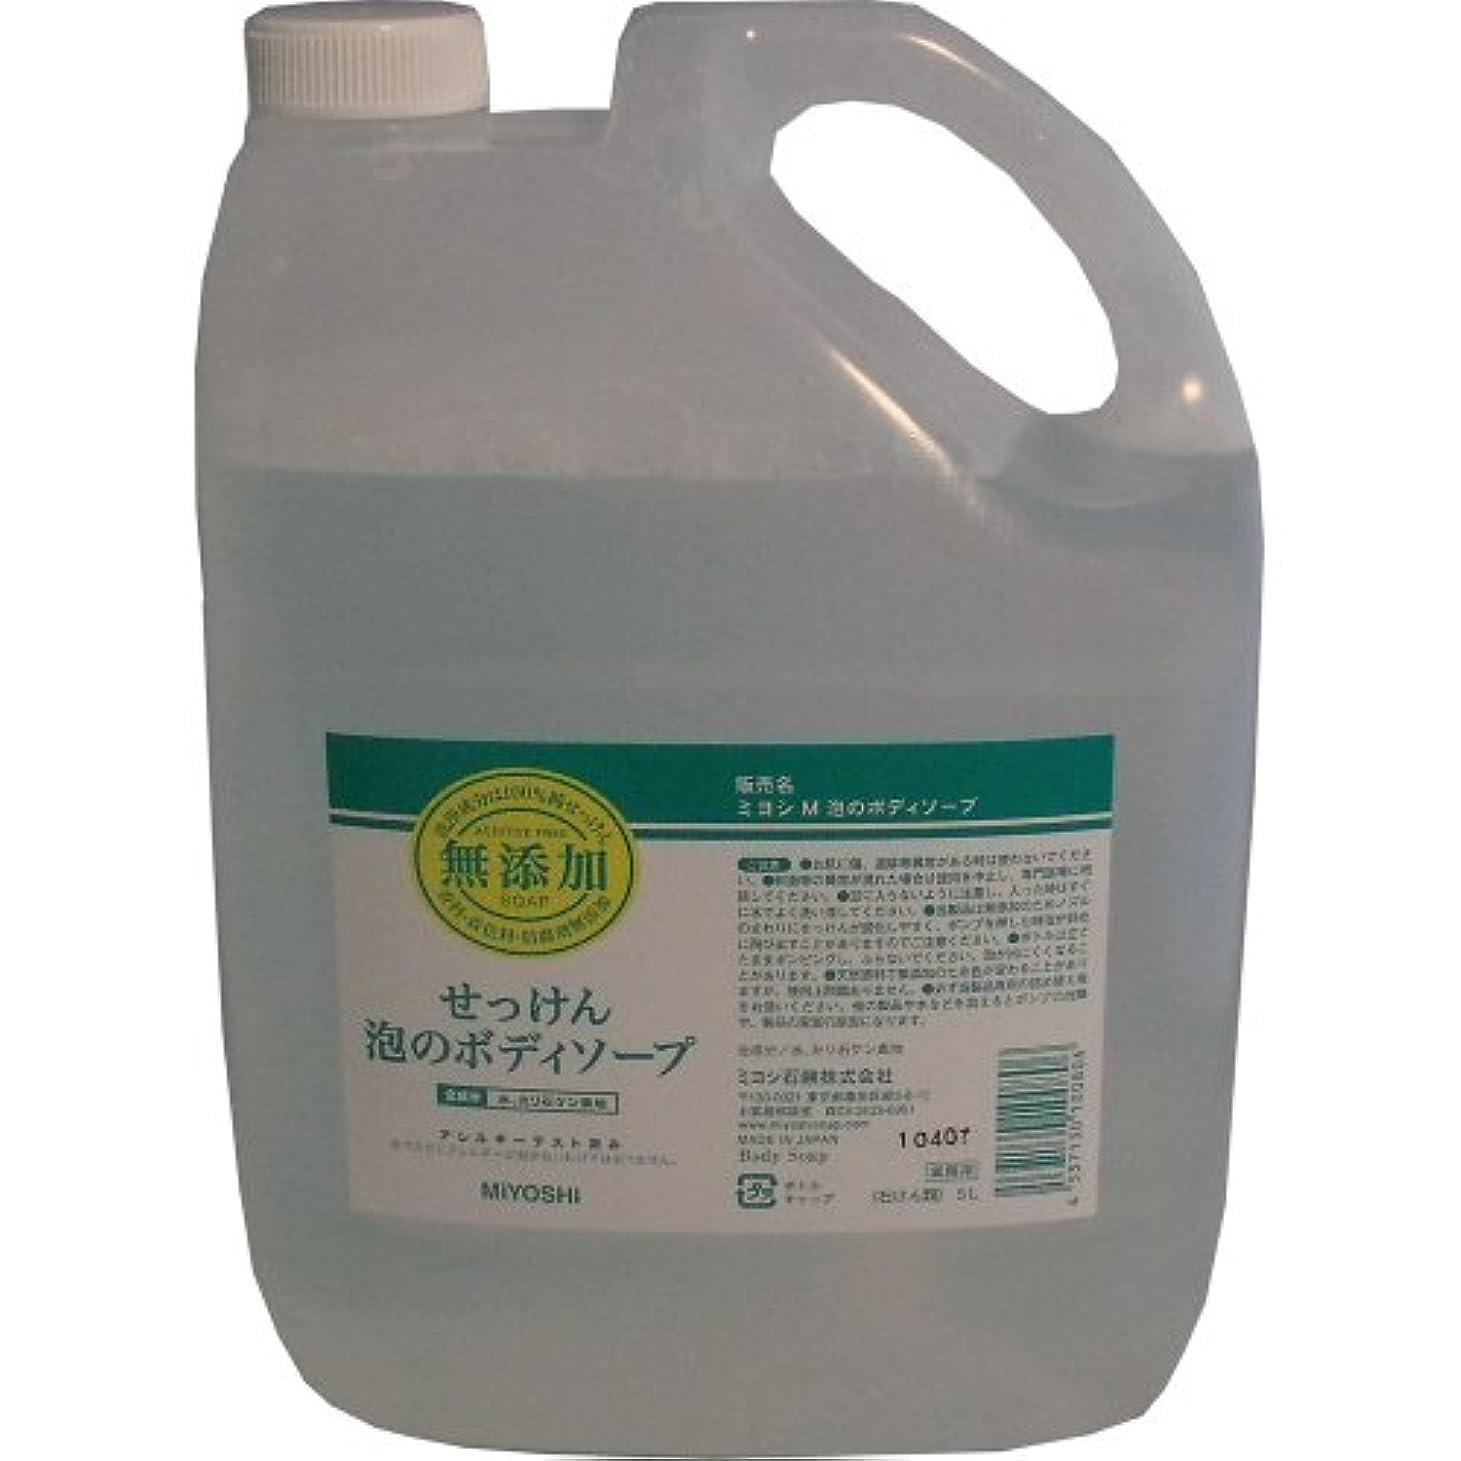 嵐のうまれた遅らせるミヨシ石鹸無添加せっけん 泡のボディソープ 5L×4個セット 取り寄せ商品のため7-10日かかります